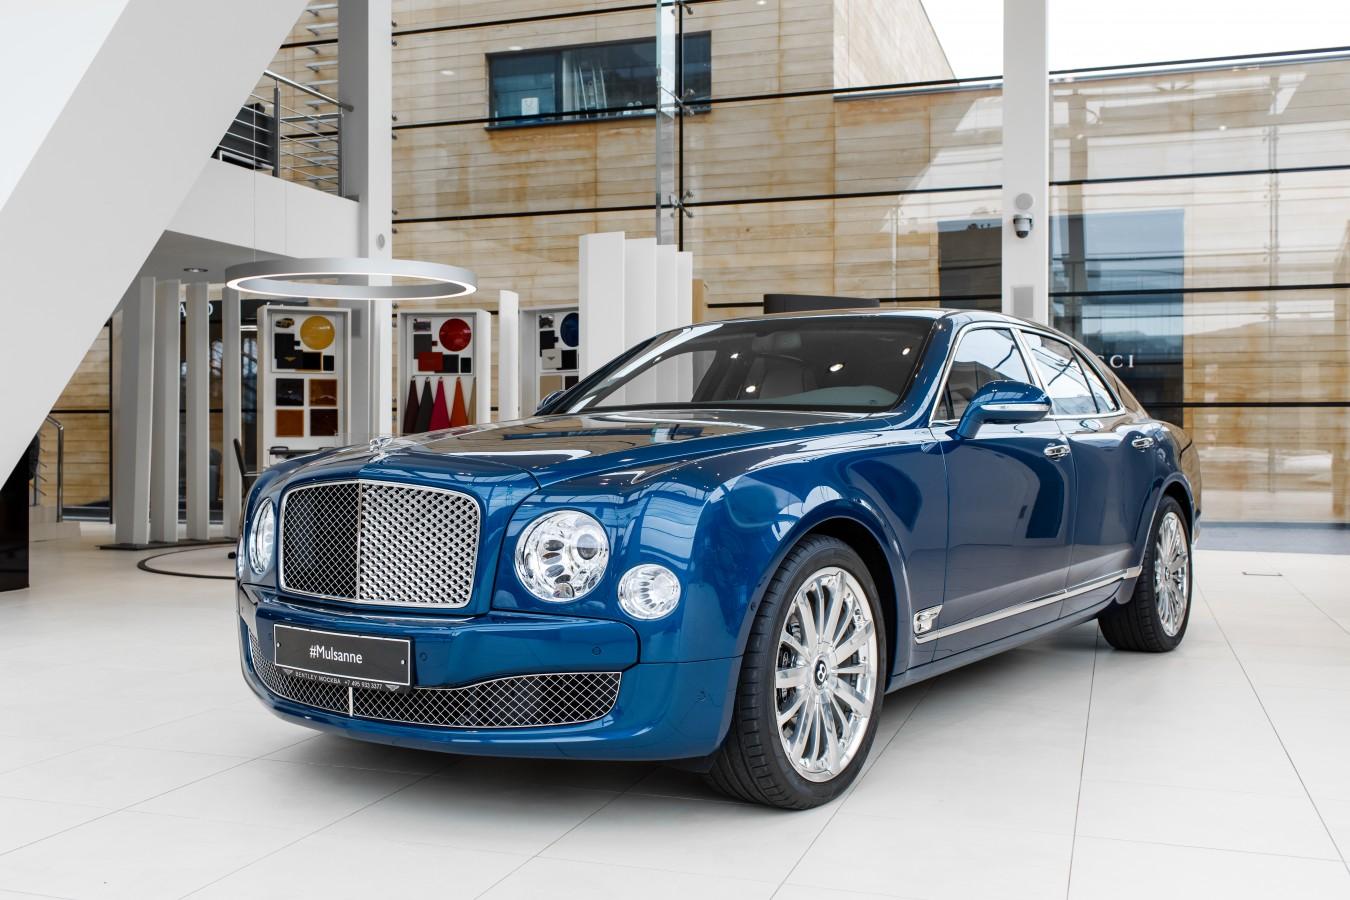 Bentley Mulsanne Portofino - изображение 010418Mercury_Auto_051 на Bentleymoscow.ru!